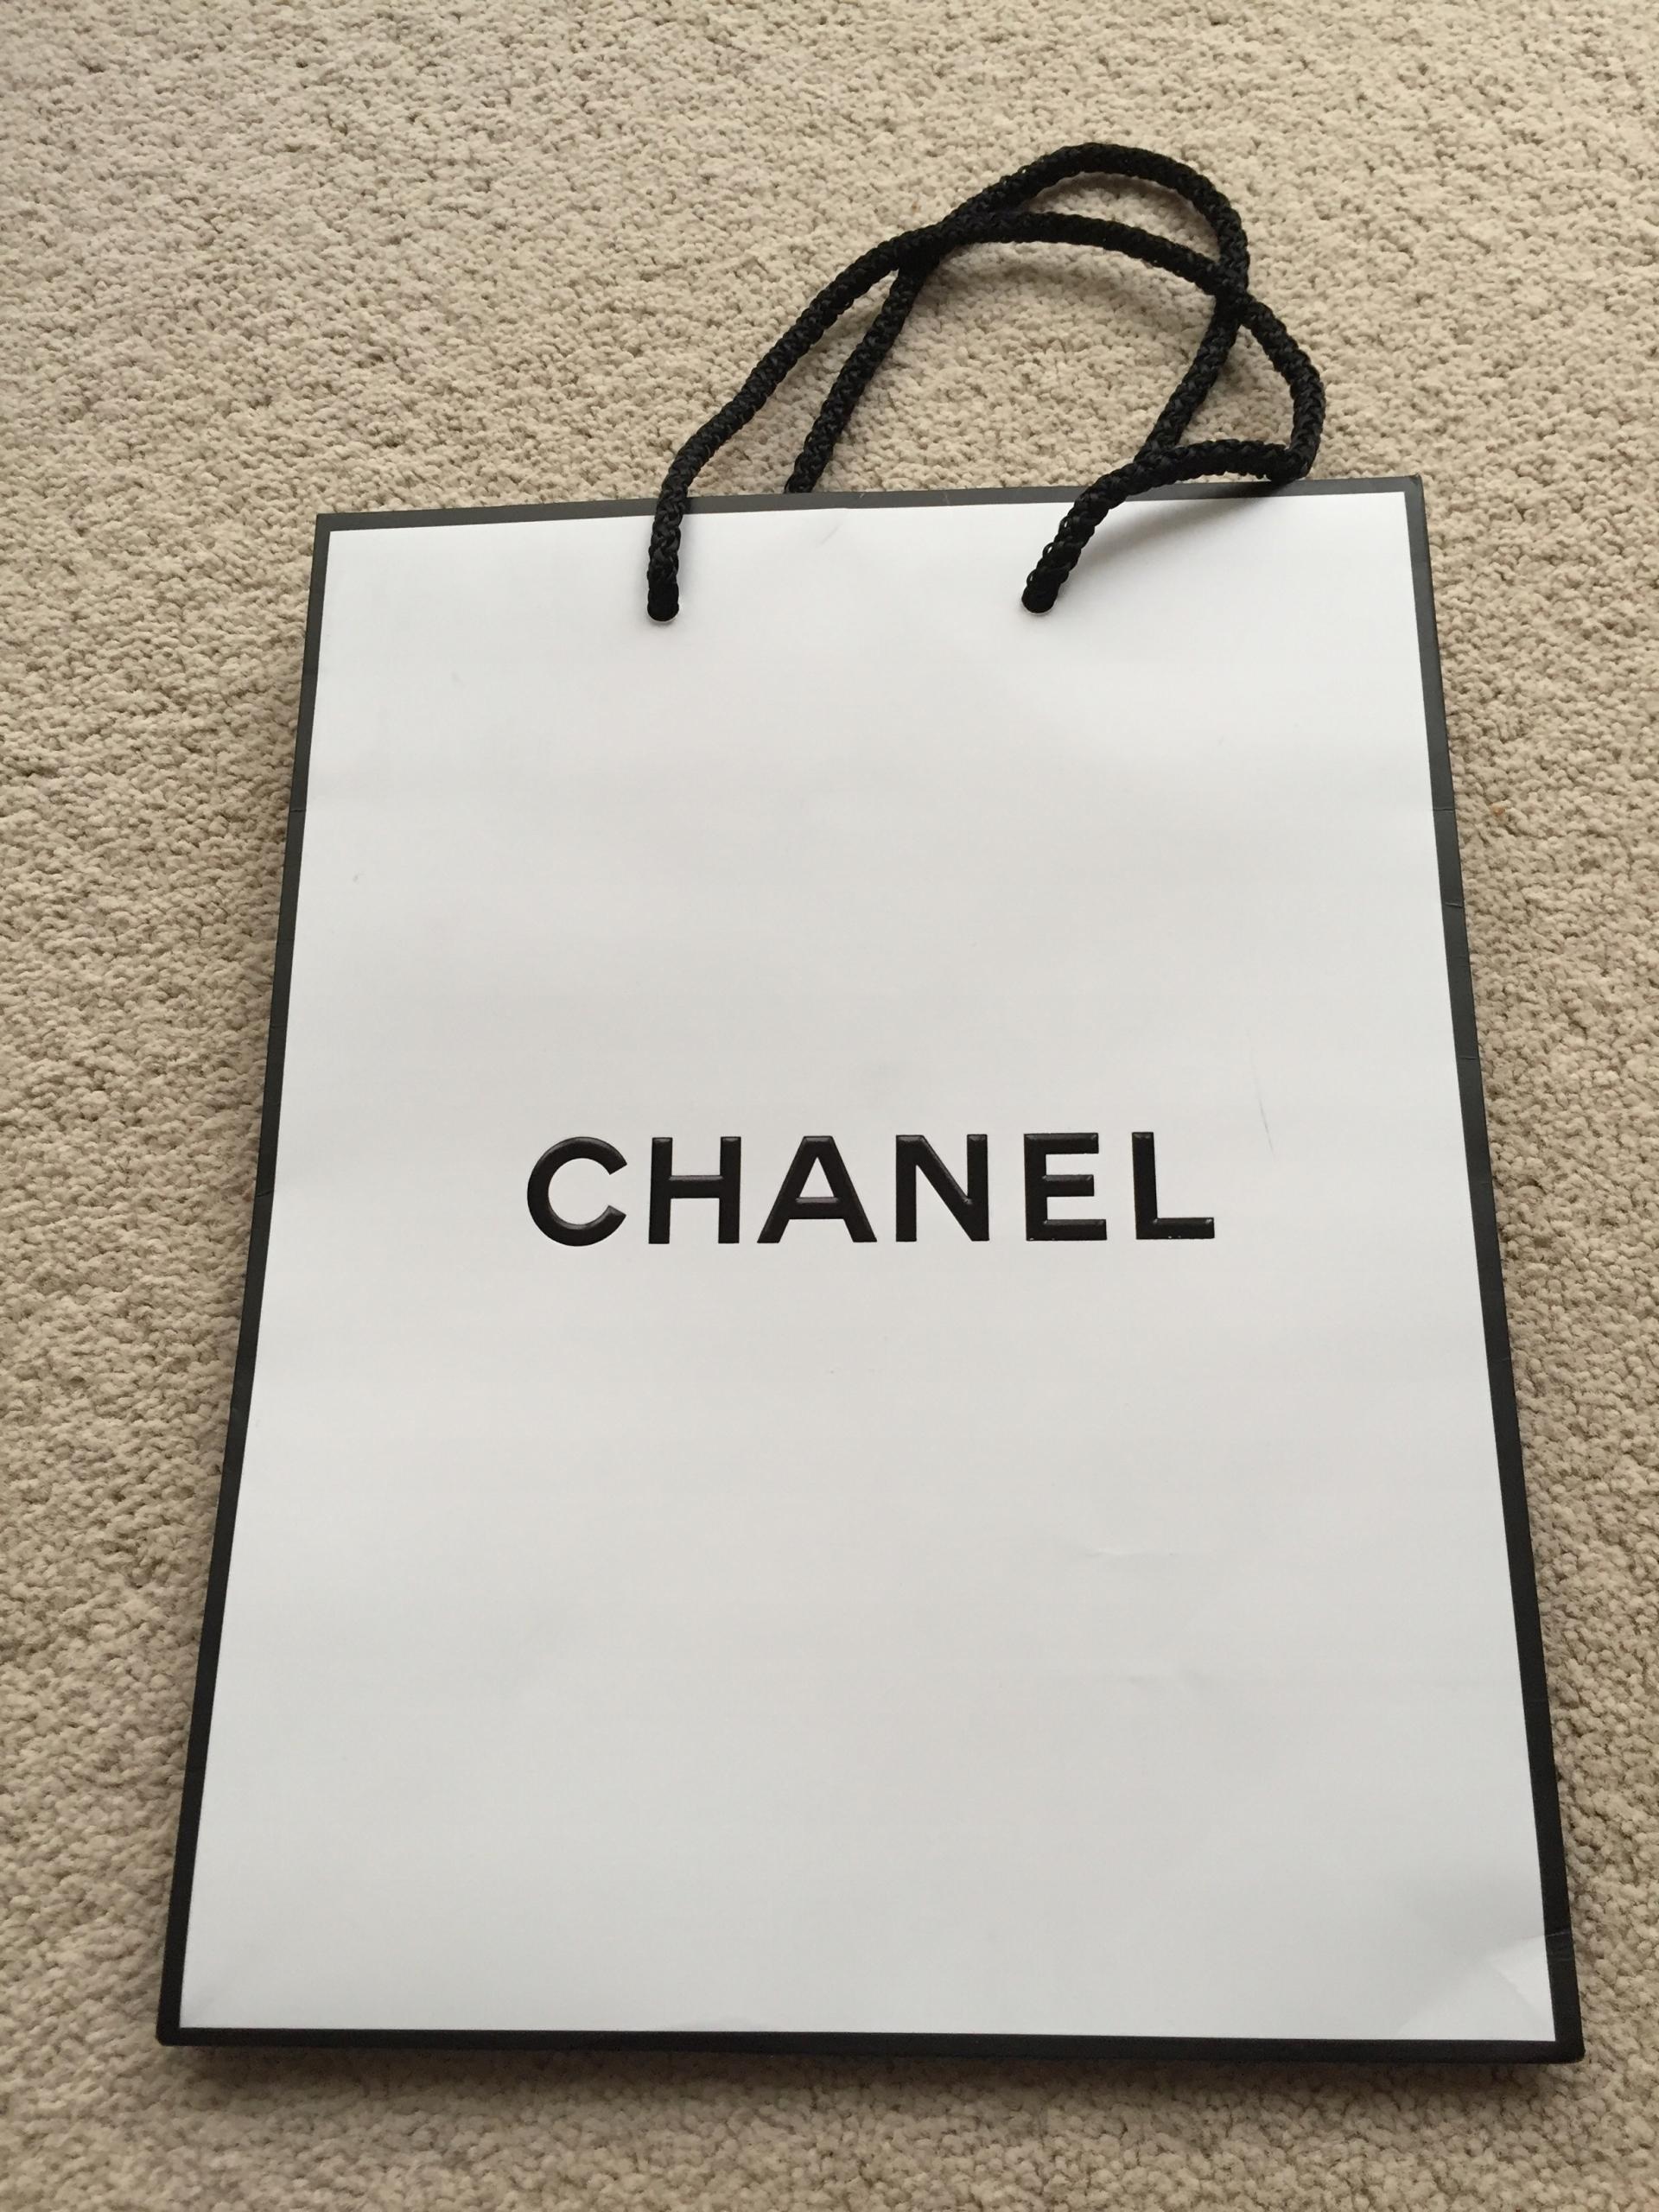 4a7533557d4e1 Chanel mała papierowa torebka prezentowa - 7469939946 - oficjalne ...